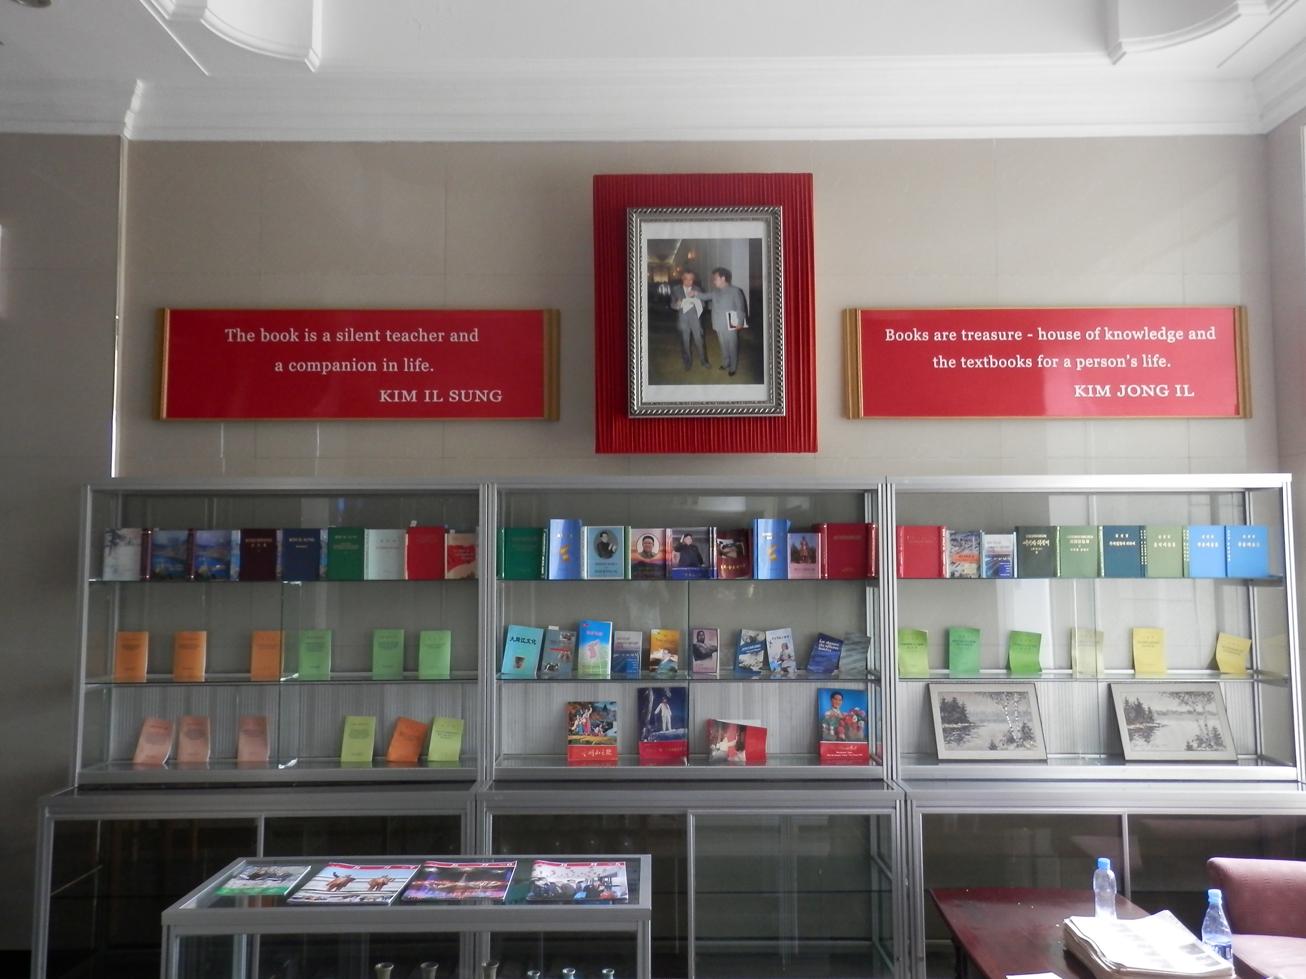 L'hôtel dispose d'une libraire, avec deux citations des leaders qui plairont à nos amis libraires.